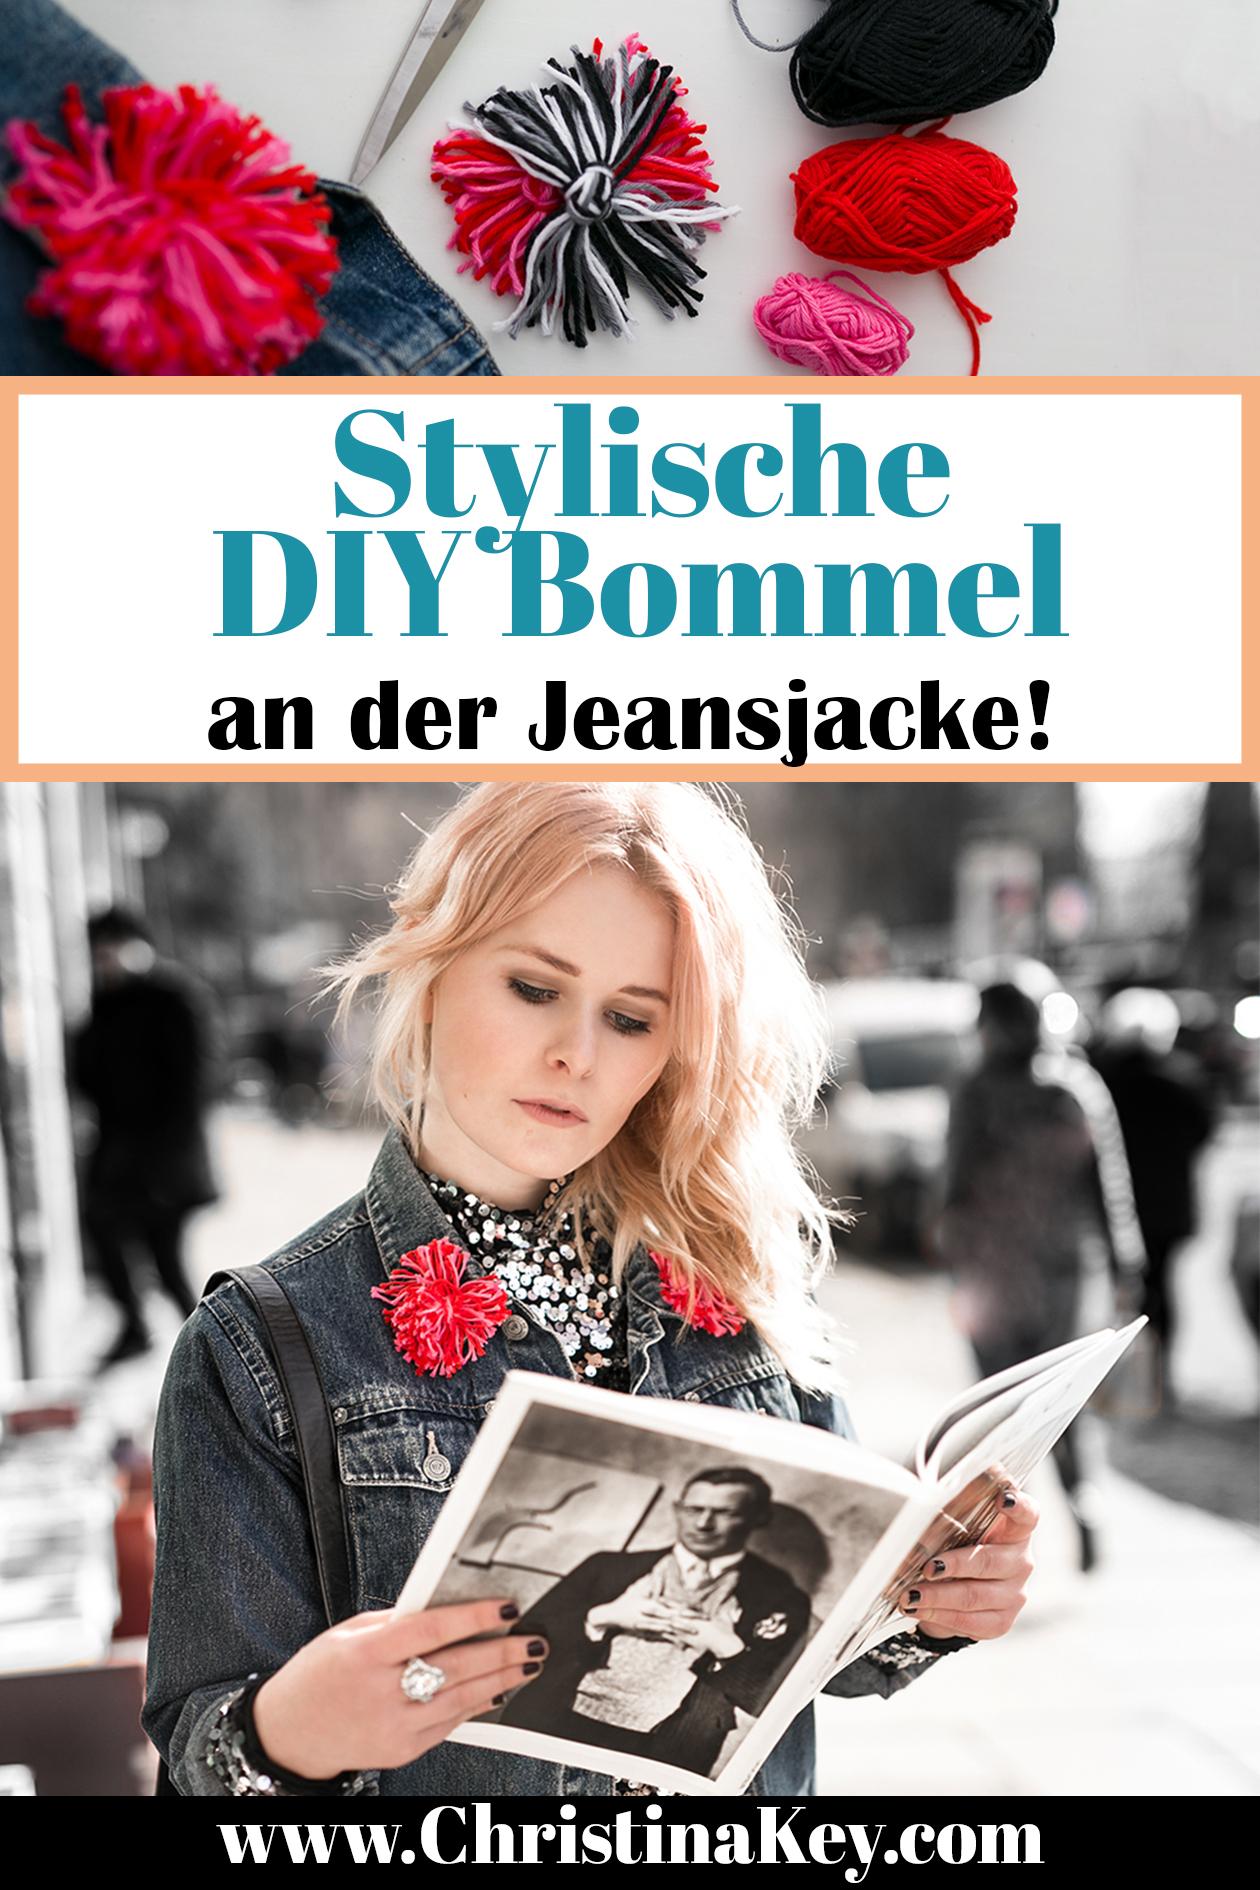 DIY Bommel Jeansjacke Tutorial